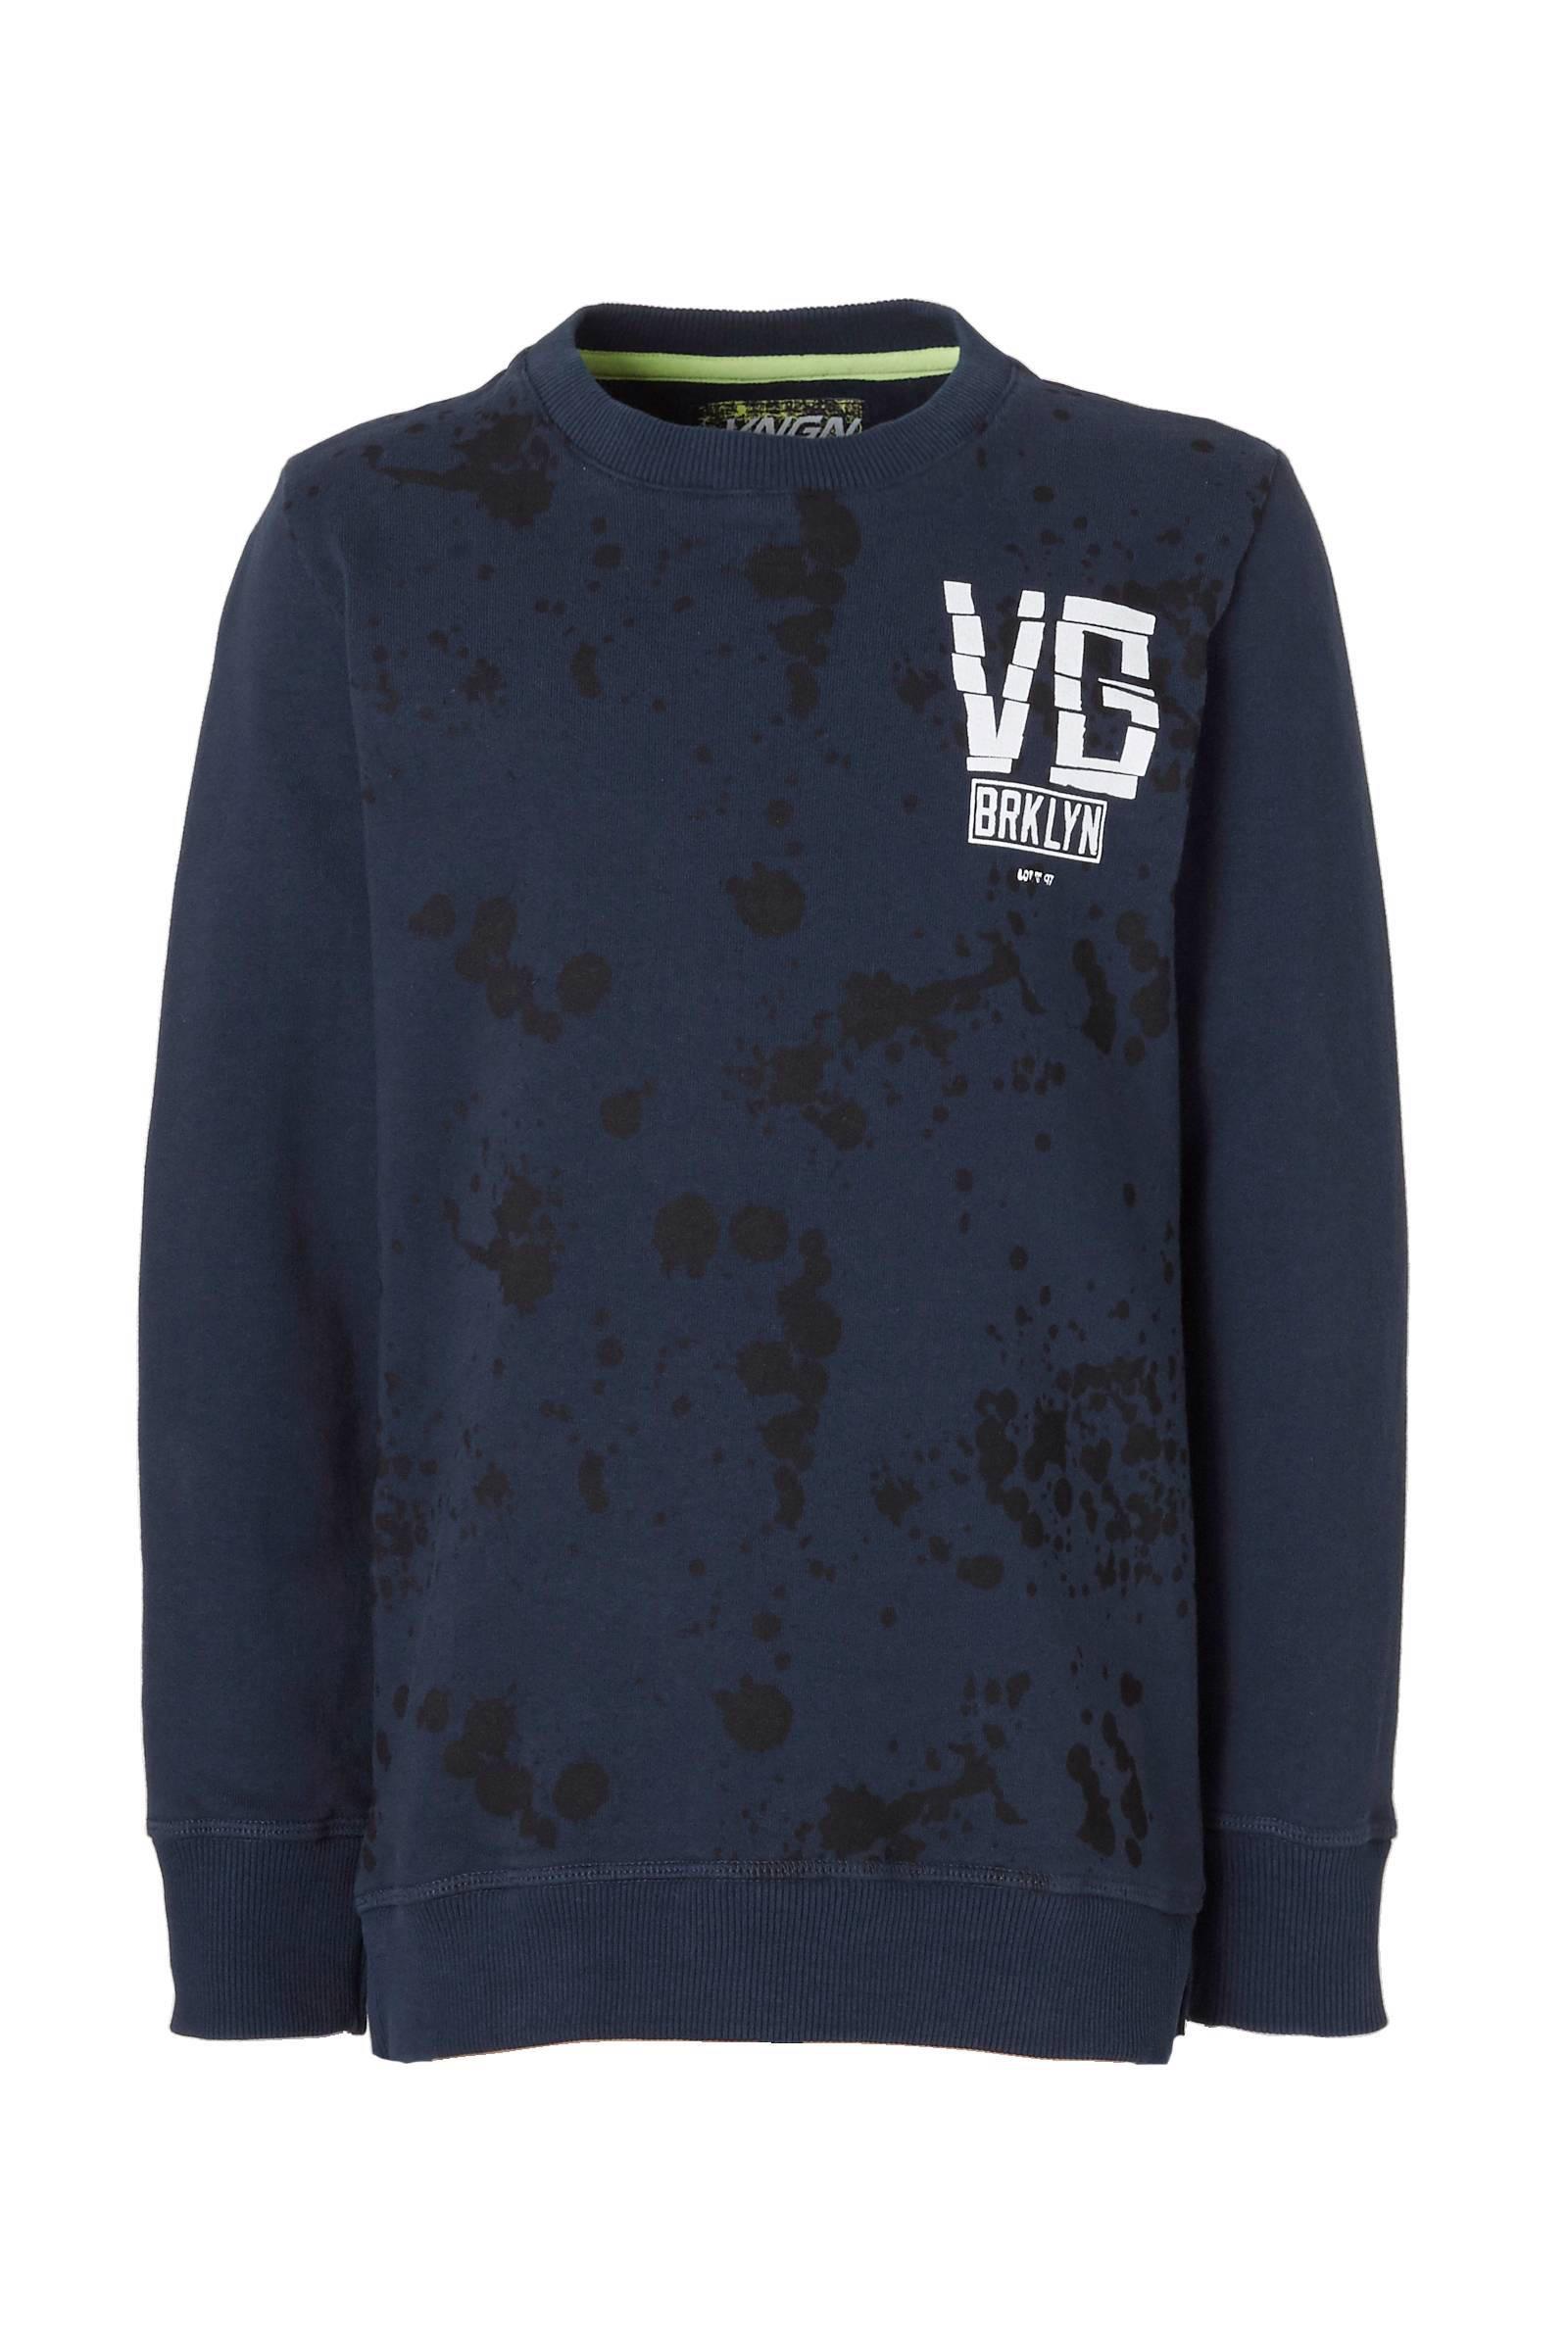 Vingino sweater Nuck | wehkamp